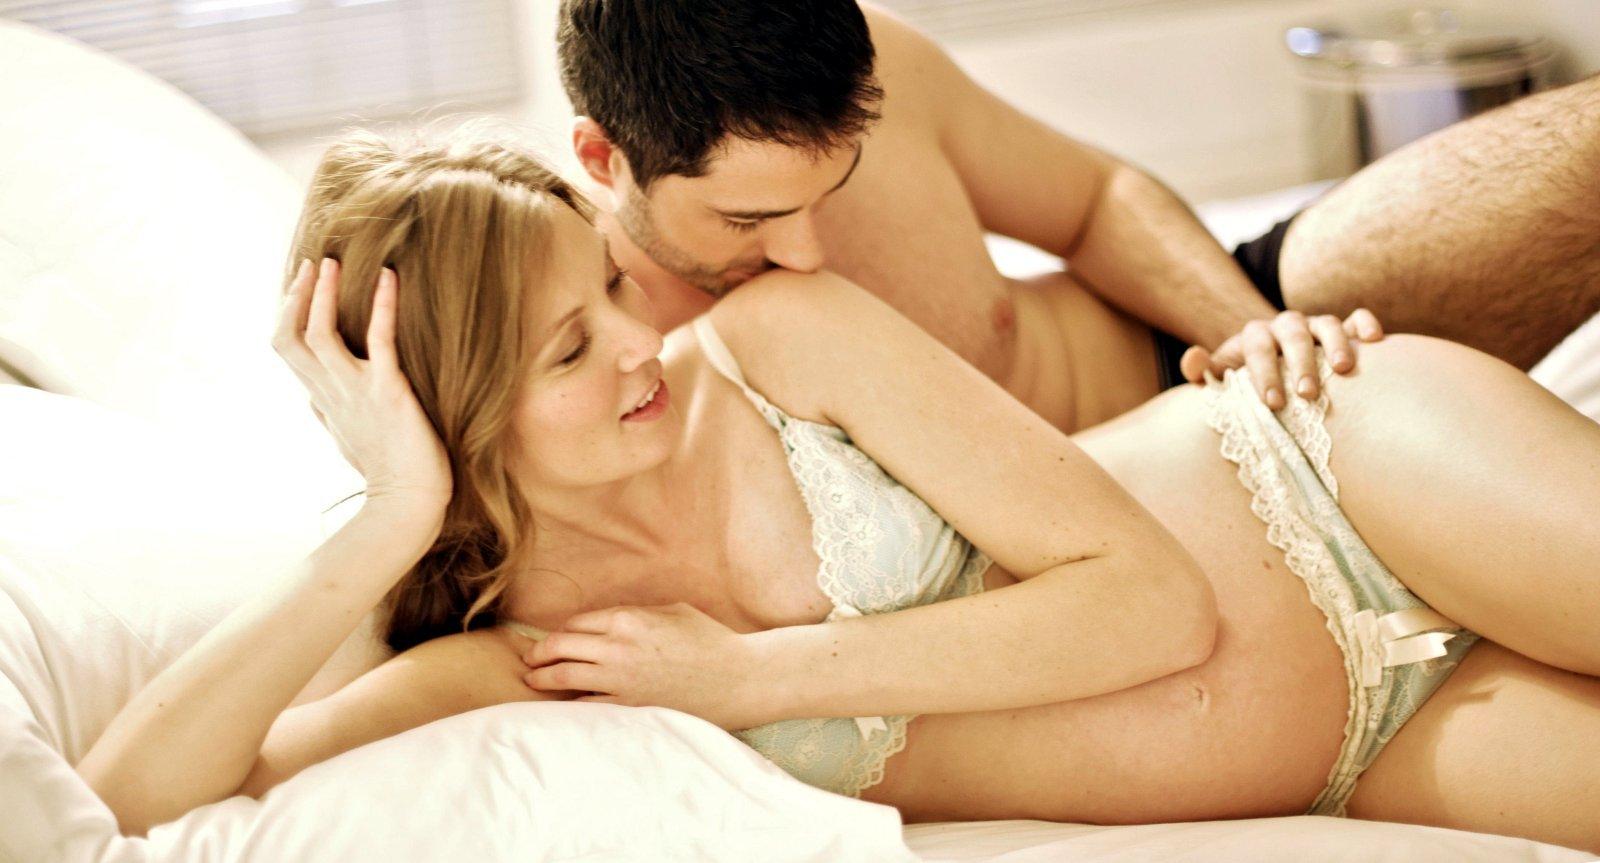 Секс на поздних сроках беременности.